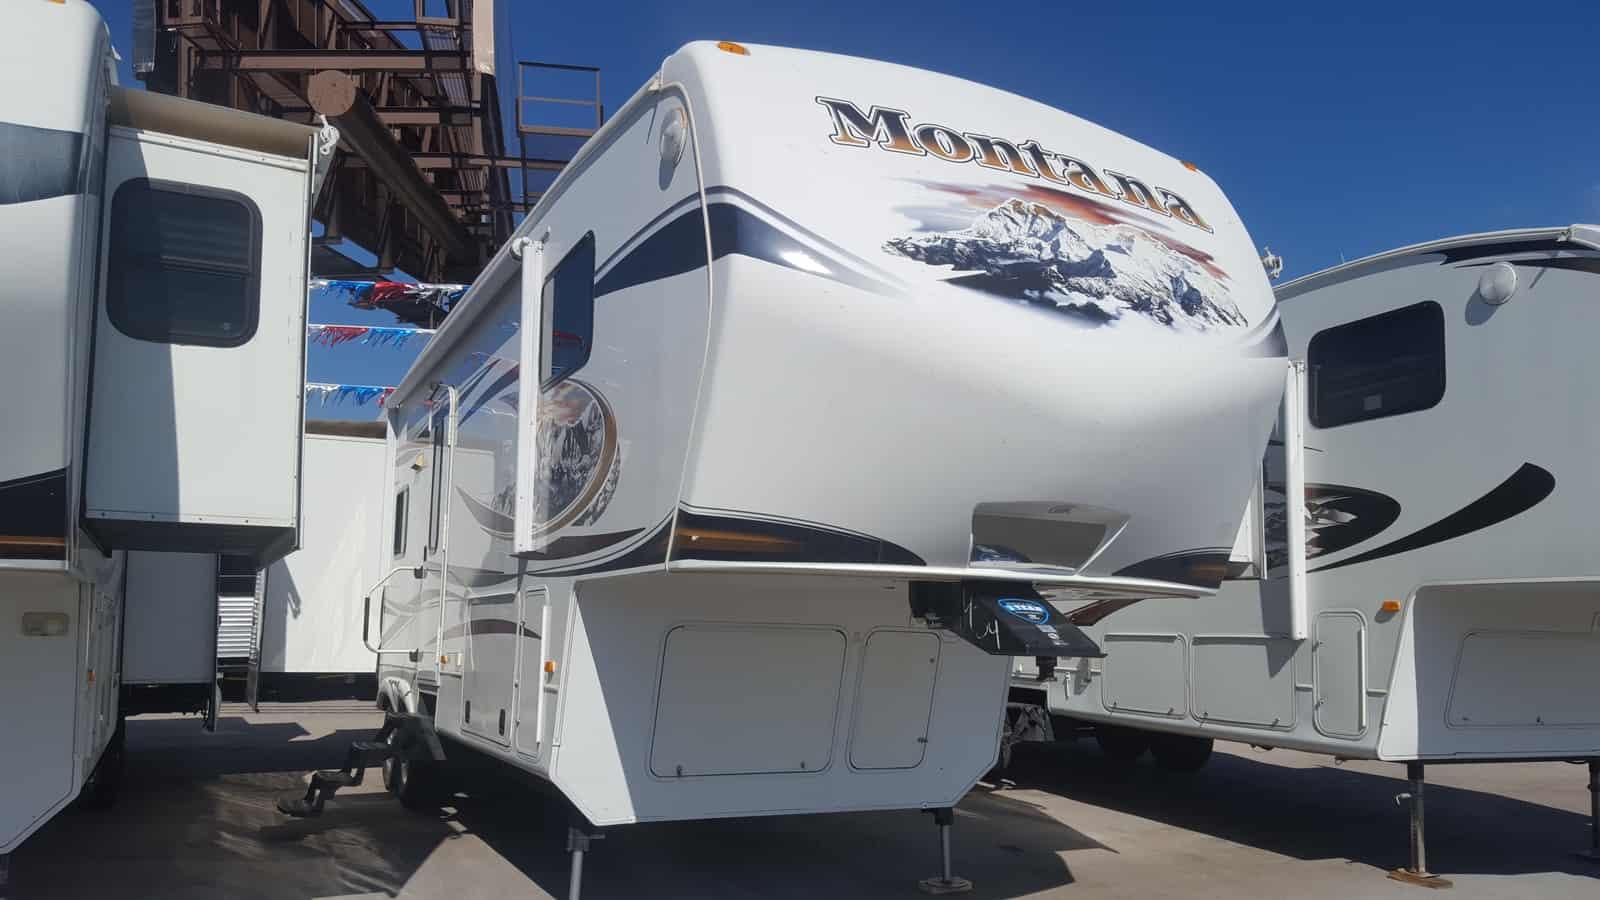 USED 2012 Keystone MONTANA 3150RL - American RV